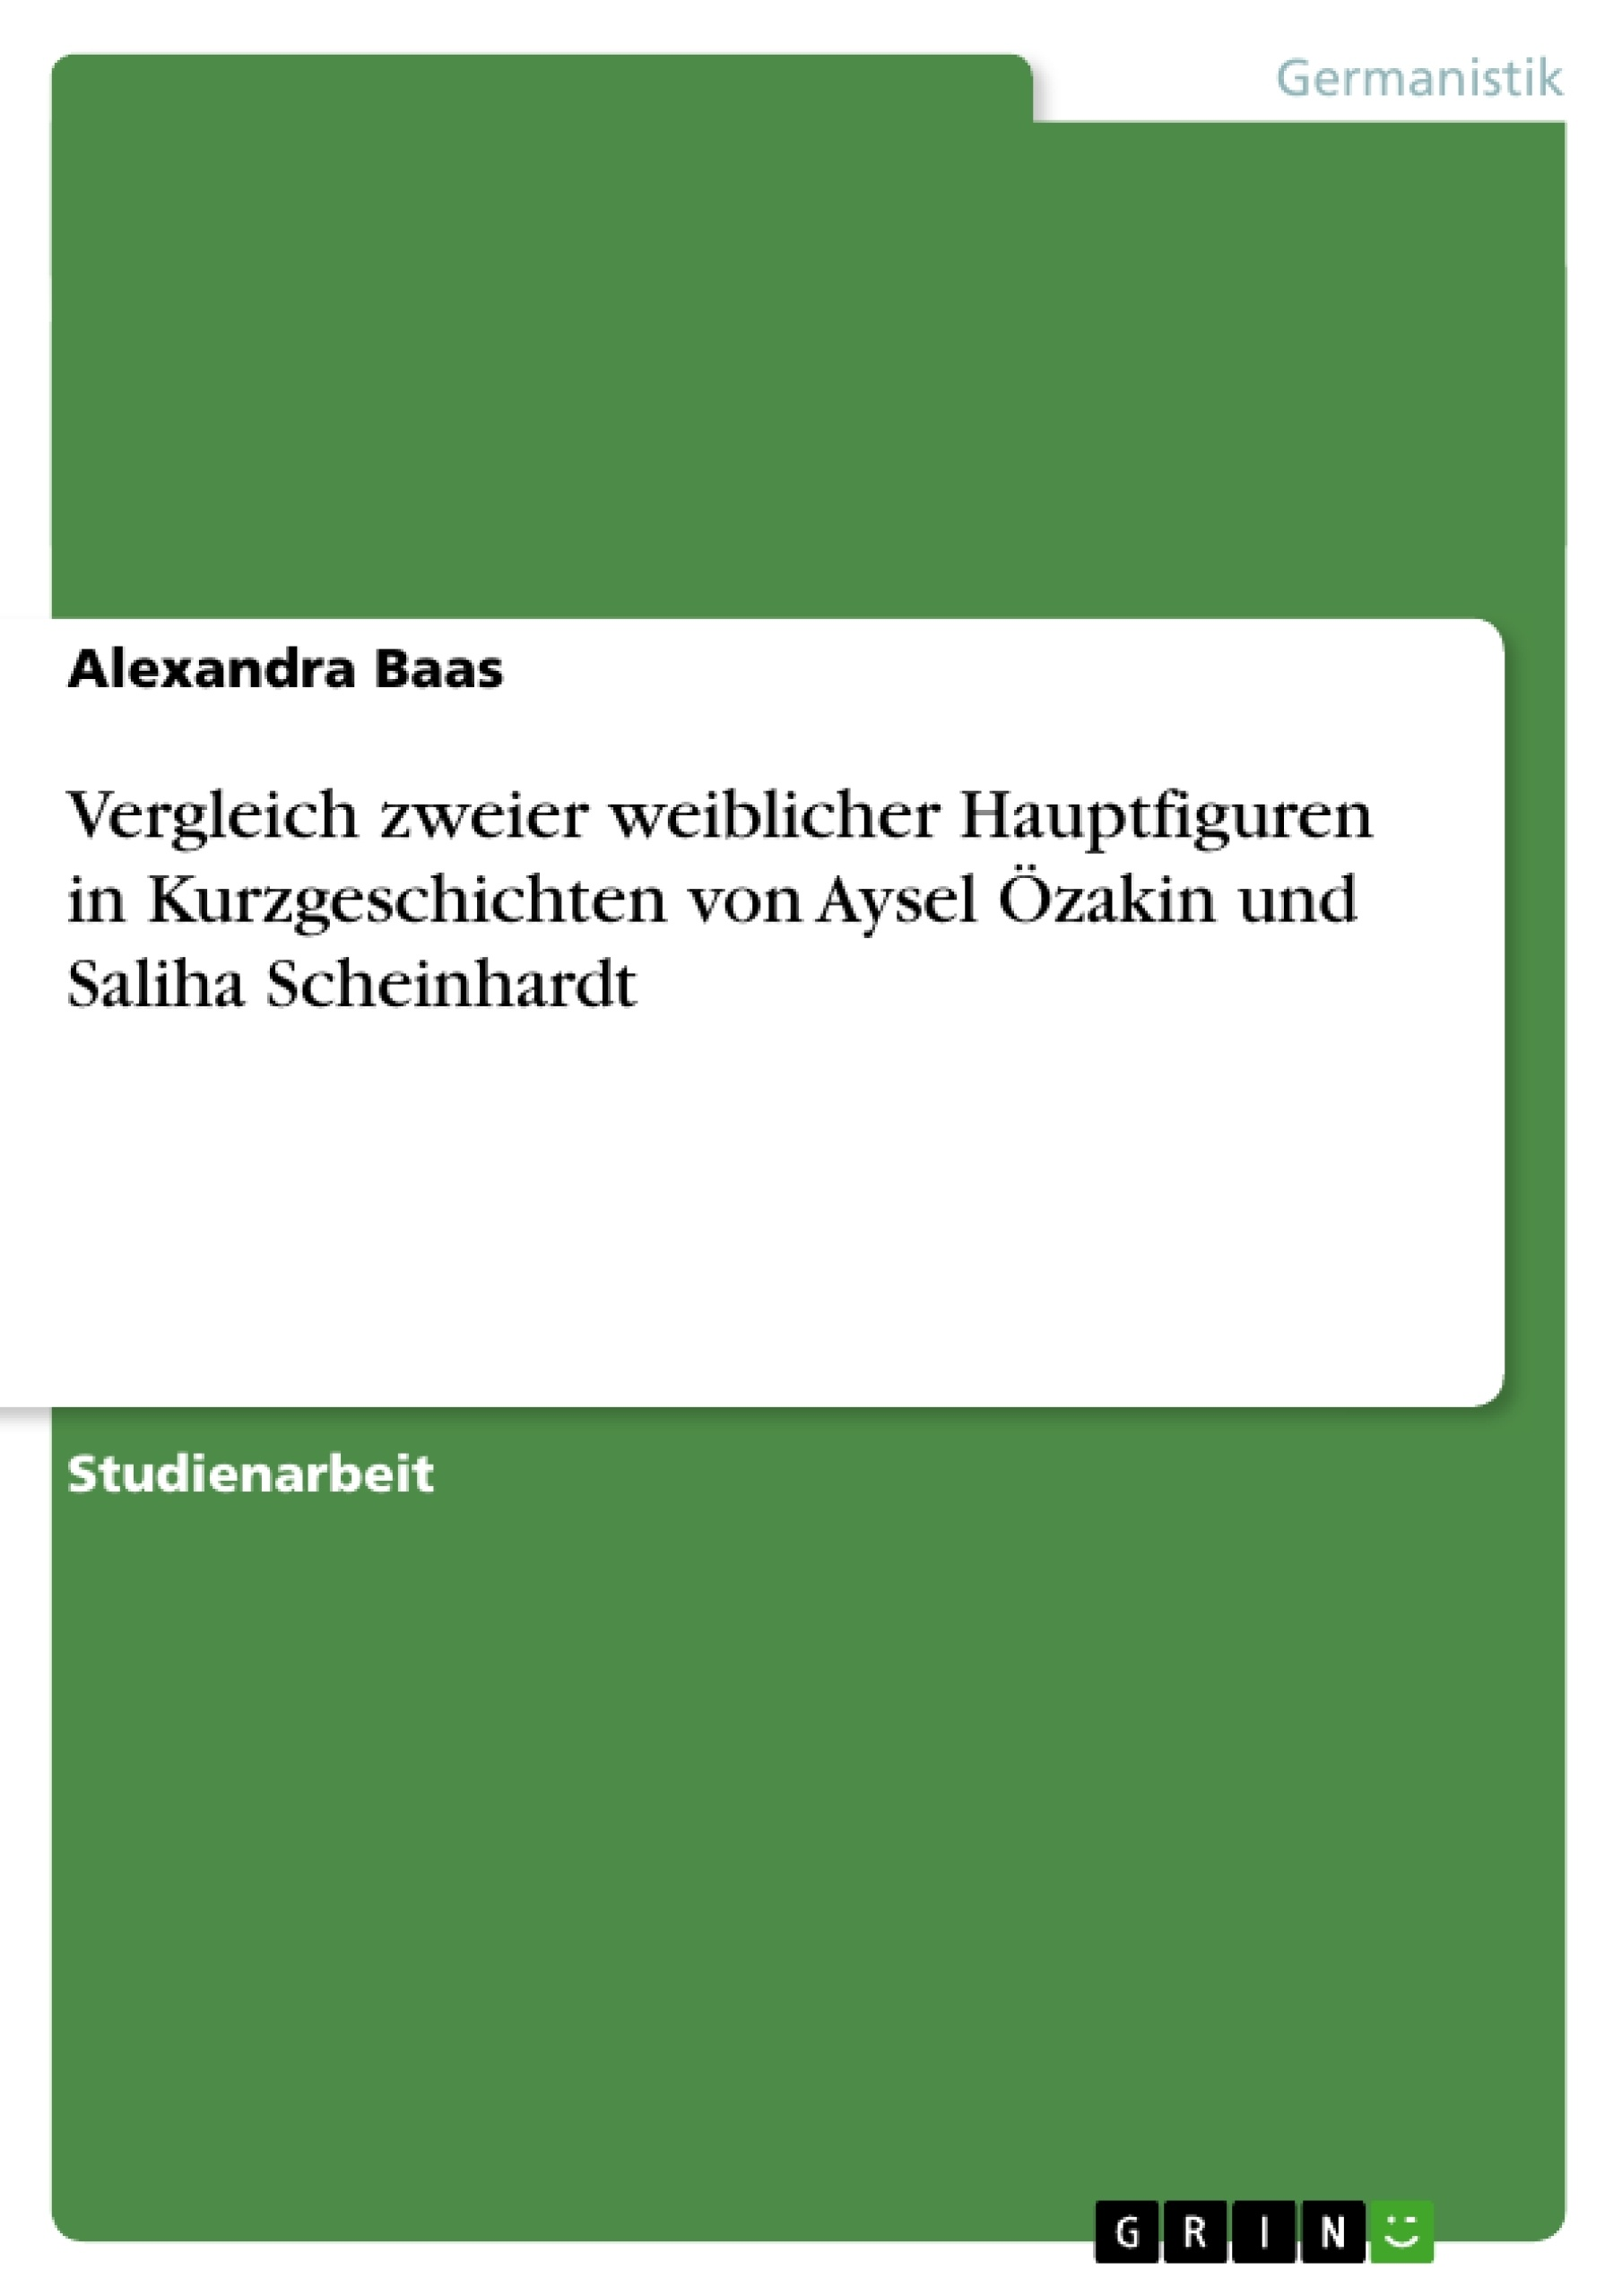 Titel: Vergleich zweier weiblicher Hauptfiguren in Kurzgeschichten von Aysel Özakin und Saliha Scheinhardt